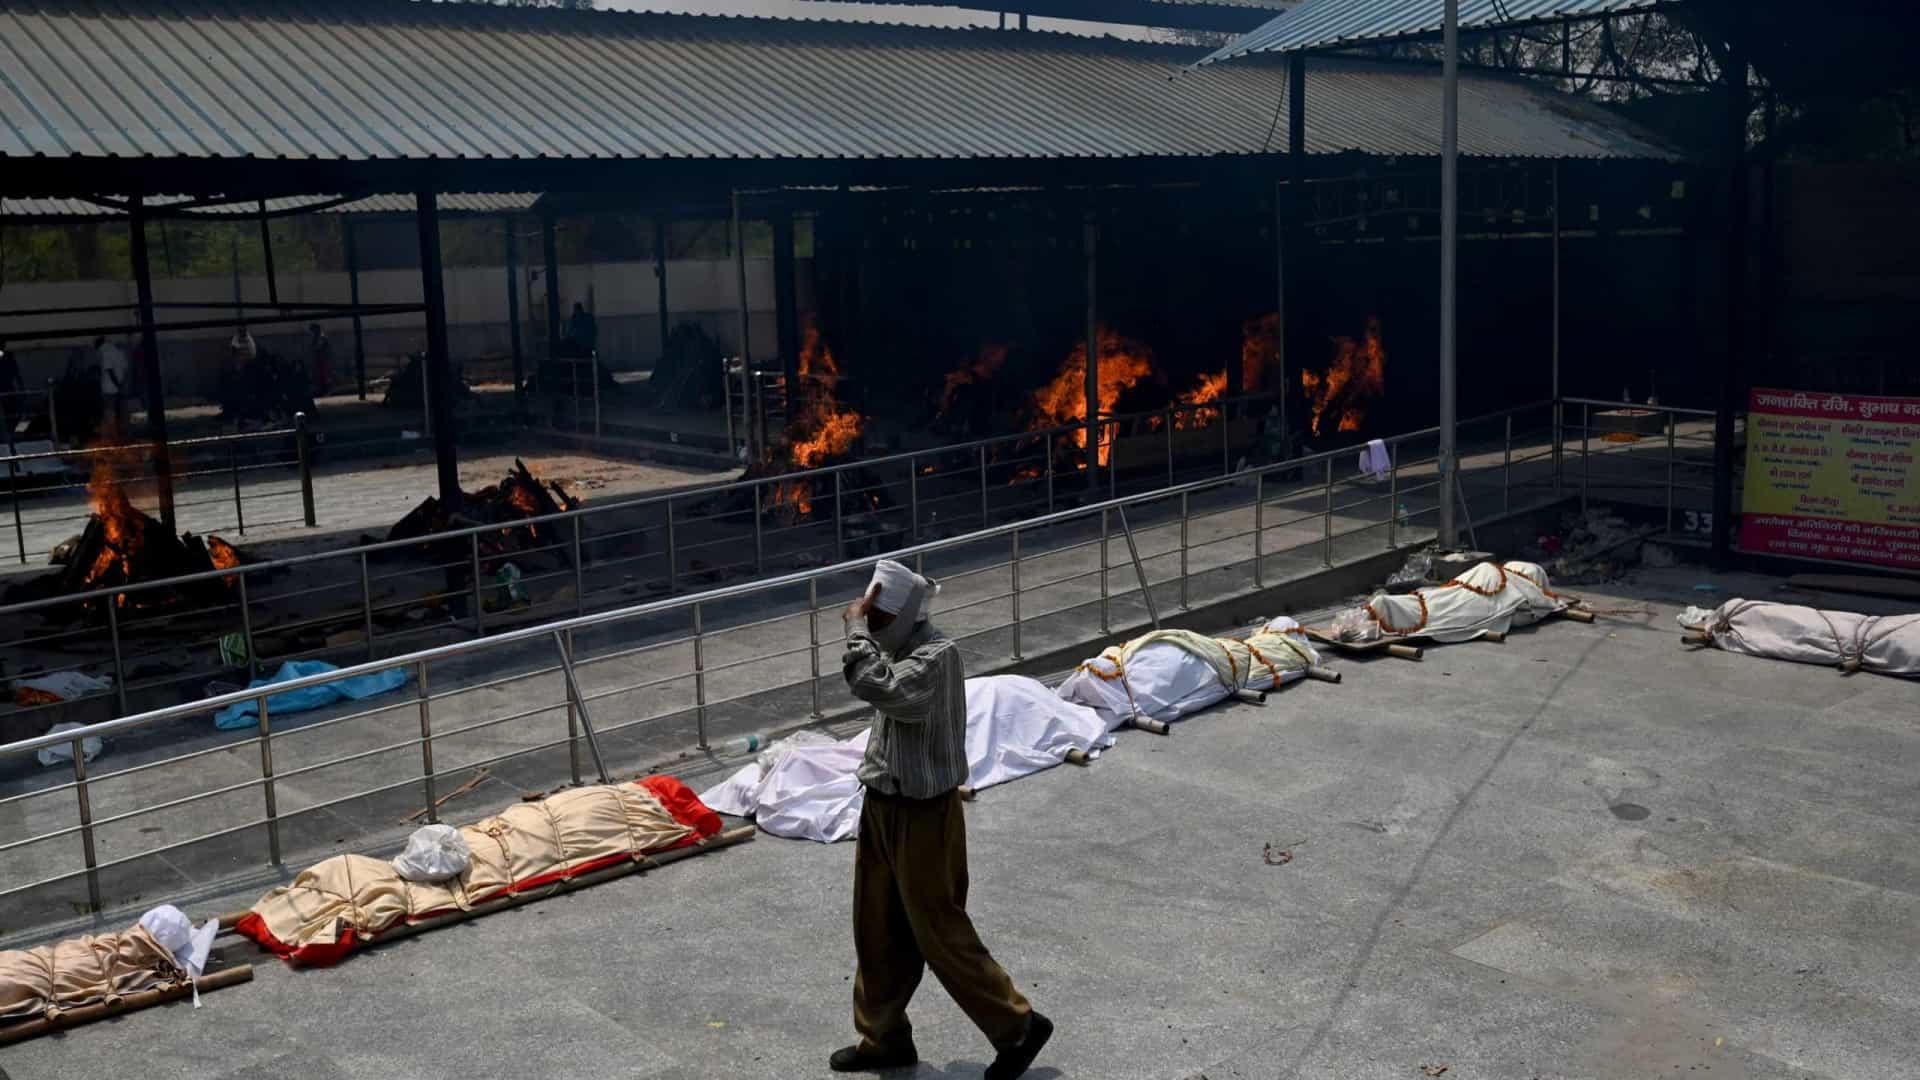 CREMADOS - Tragédia na Índia: pacientes morrem por falta de oxigênio e mortos são cremados ao ar livre - VEJA IMAGENS